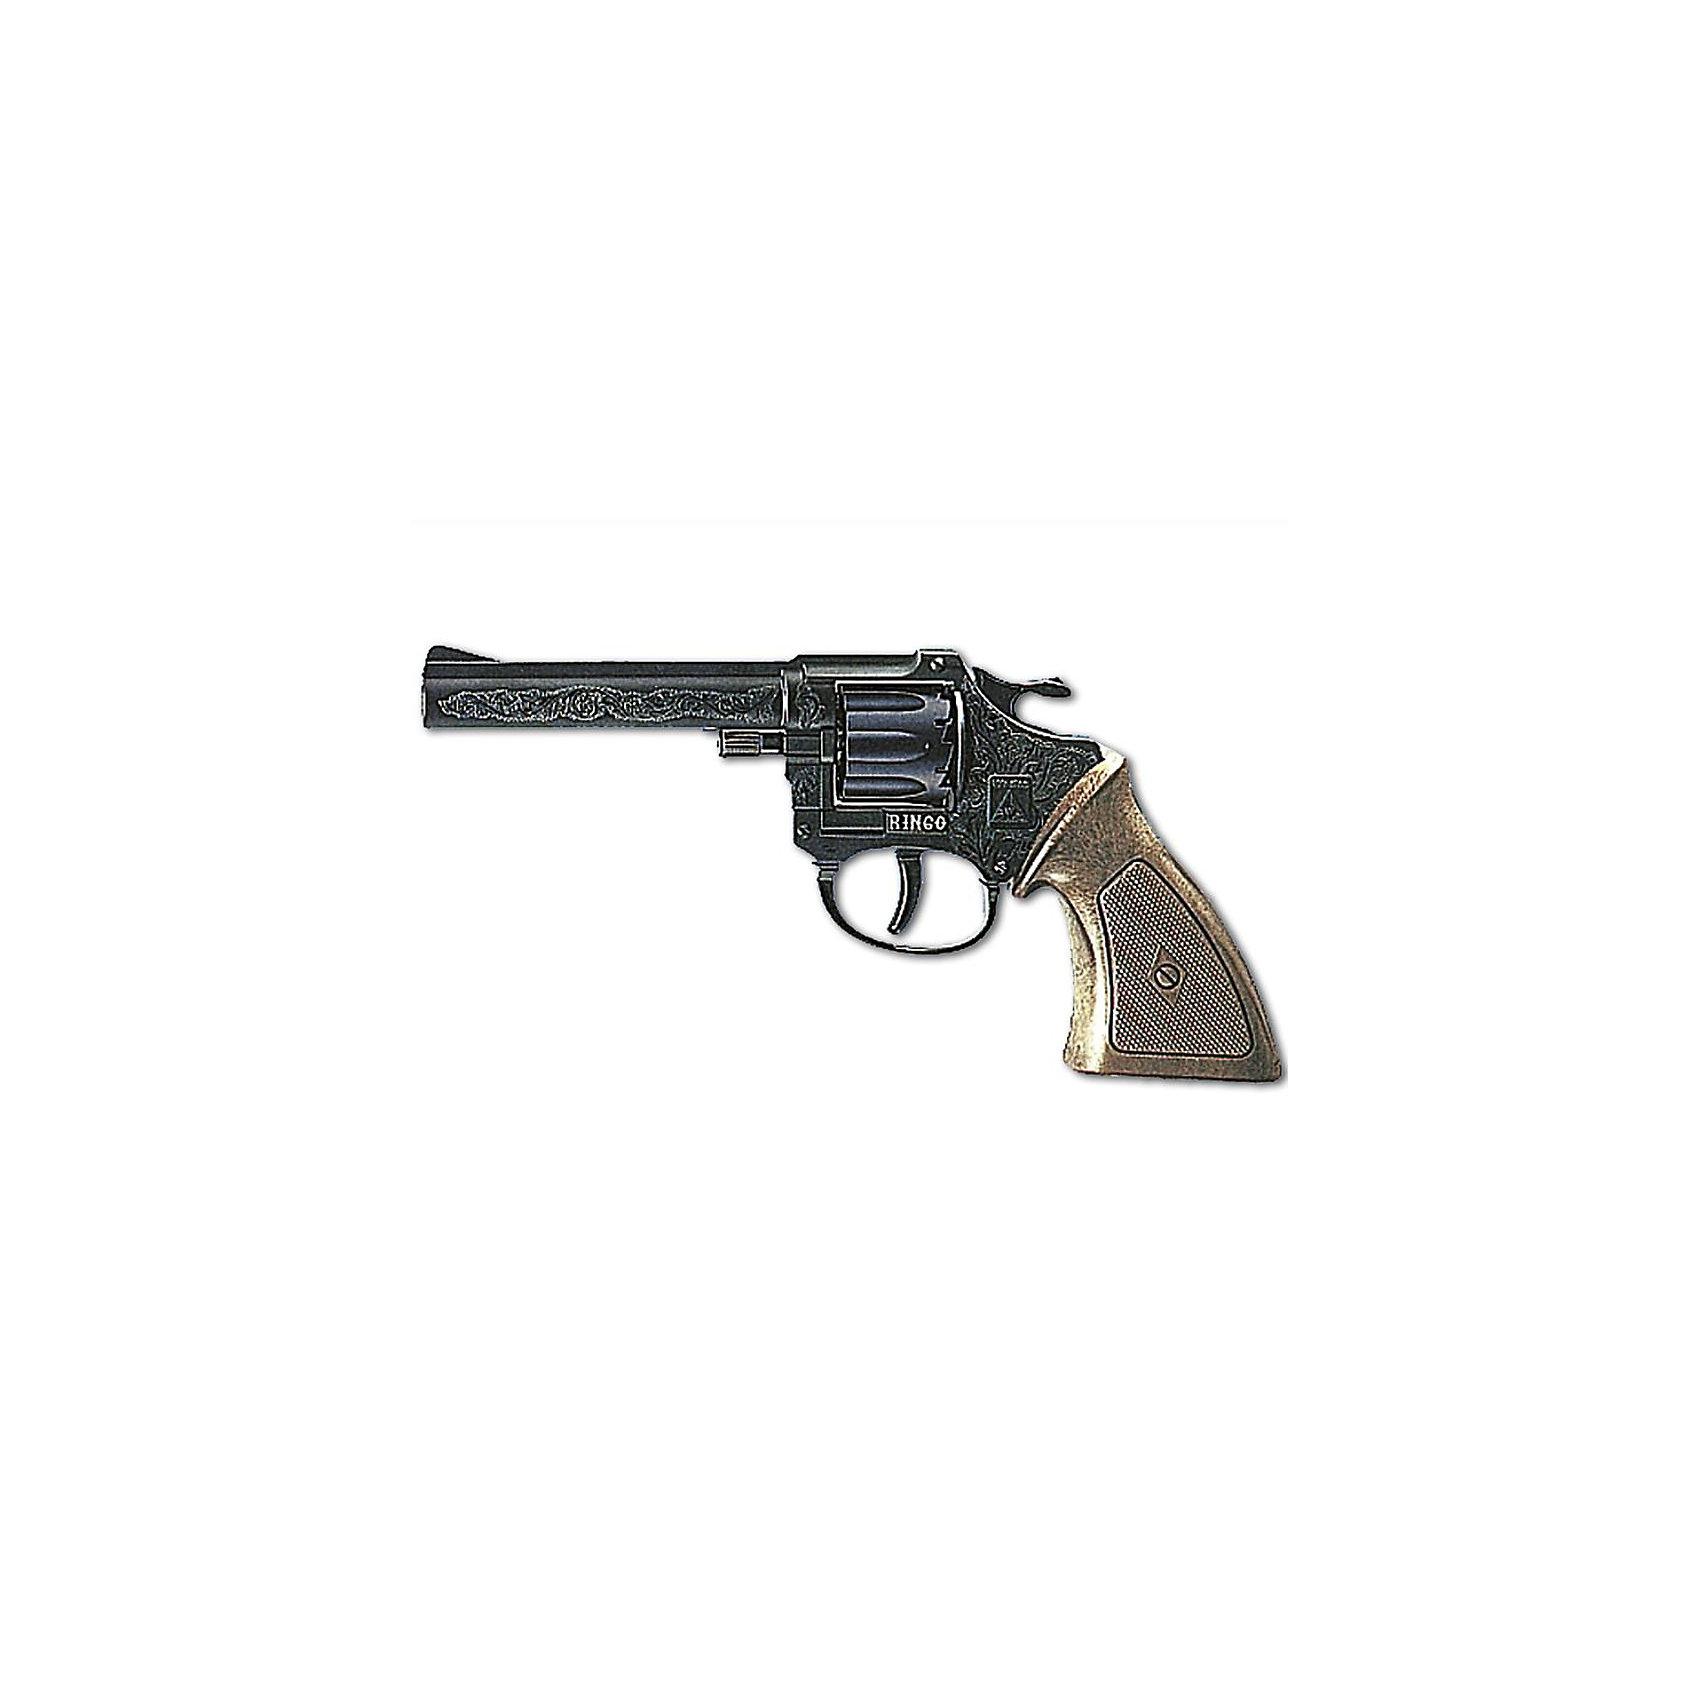 Пистолет Ringo, 8-зарядный,  Sohni-WickeБластеры, пистолеты и прочее<br>Пистолет Ringo, 8-зарядный,  Sohni-Wicke (Сони-Вике) – это отлично детализированный пистолет игрушка.<br>Пистолет Ringo с черным резным дулом — мощное и стильное оружие для настоящих шерифов. Это игрушечное оружие поможет отпугнуть от города вооруженных бандитов и диких индейцев! Игрушечное оружие Sohni-Wicke (Сони-Вике) — это лучшие детские пистонные винтовки и пистолеты для мальчиков. Игрушка сделана из качественного и нетоксичного пластика и не оказывает отрицательного влияния на здоровье ребенка. Используйте игрушку на достаточном расстоянии от лица и ушей. Стрельба из пистонных пистолетов на близком расстоянии к ушам может привести к повреждению слуха. Не стреляйте в помещении.<br><br>Дополнительная информация:<br><br>- Ёмкость магазина: 8 зарядов<br>- Выстрелы: одиночные<br>- Материал: пластик<br>- Размер пистолета: 19,8 см.<br>- Пистоны приобретаются отдельно<br>- Внимание: мелкие детали! Игрушка не подходит для детей младше 3 лет<br>- Заранее внимательно изучите инструкцию по безопасному обращению с игрушкой<br><br>Пистолет Ringo, 8-зарядный,  Sohni-Wicke (Сони-Вике) можно купить в нашем интернет-магазине.<br><br>Ширина мм: 228<br>Глубина мм: 117<br>Высота мм: 32<br>Вес г: 109<br>Возраст от месяцев: 72<br>Возраст до месяцев: 168<br>Пол: Мужской<br>Возраст: Детский<br>SKU: 1024067